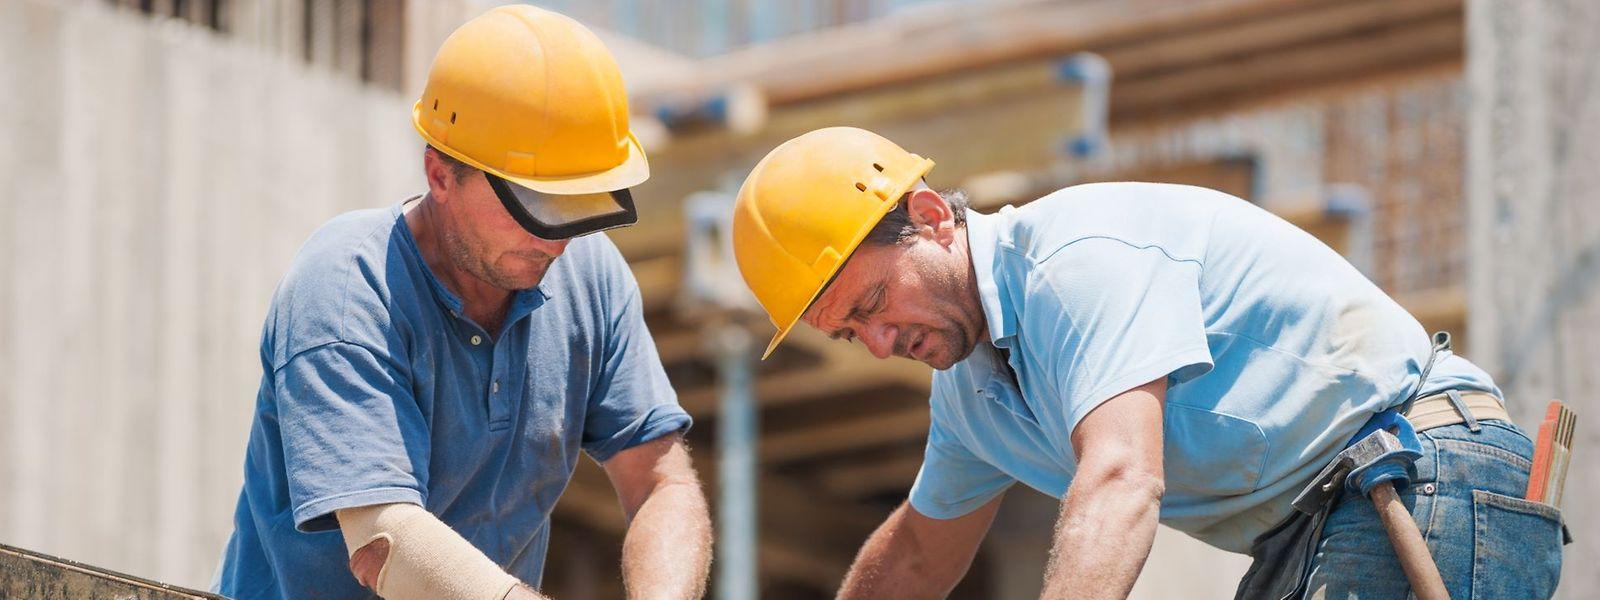 Les promoteurs immobiliers ont le droit d'augmenter leurs tarifs de 2,5% sur les immeubles en construction, en fonction de l'indexation des salaires.